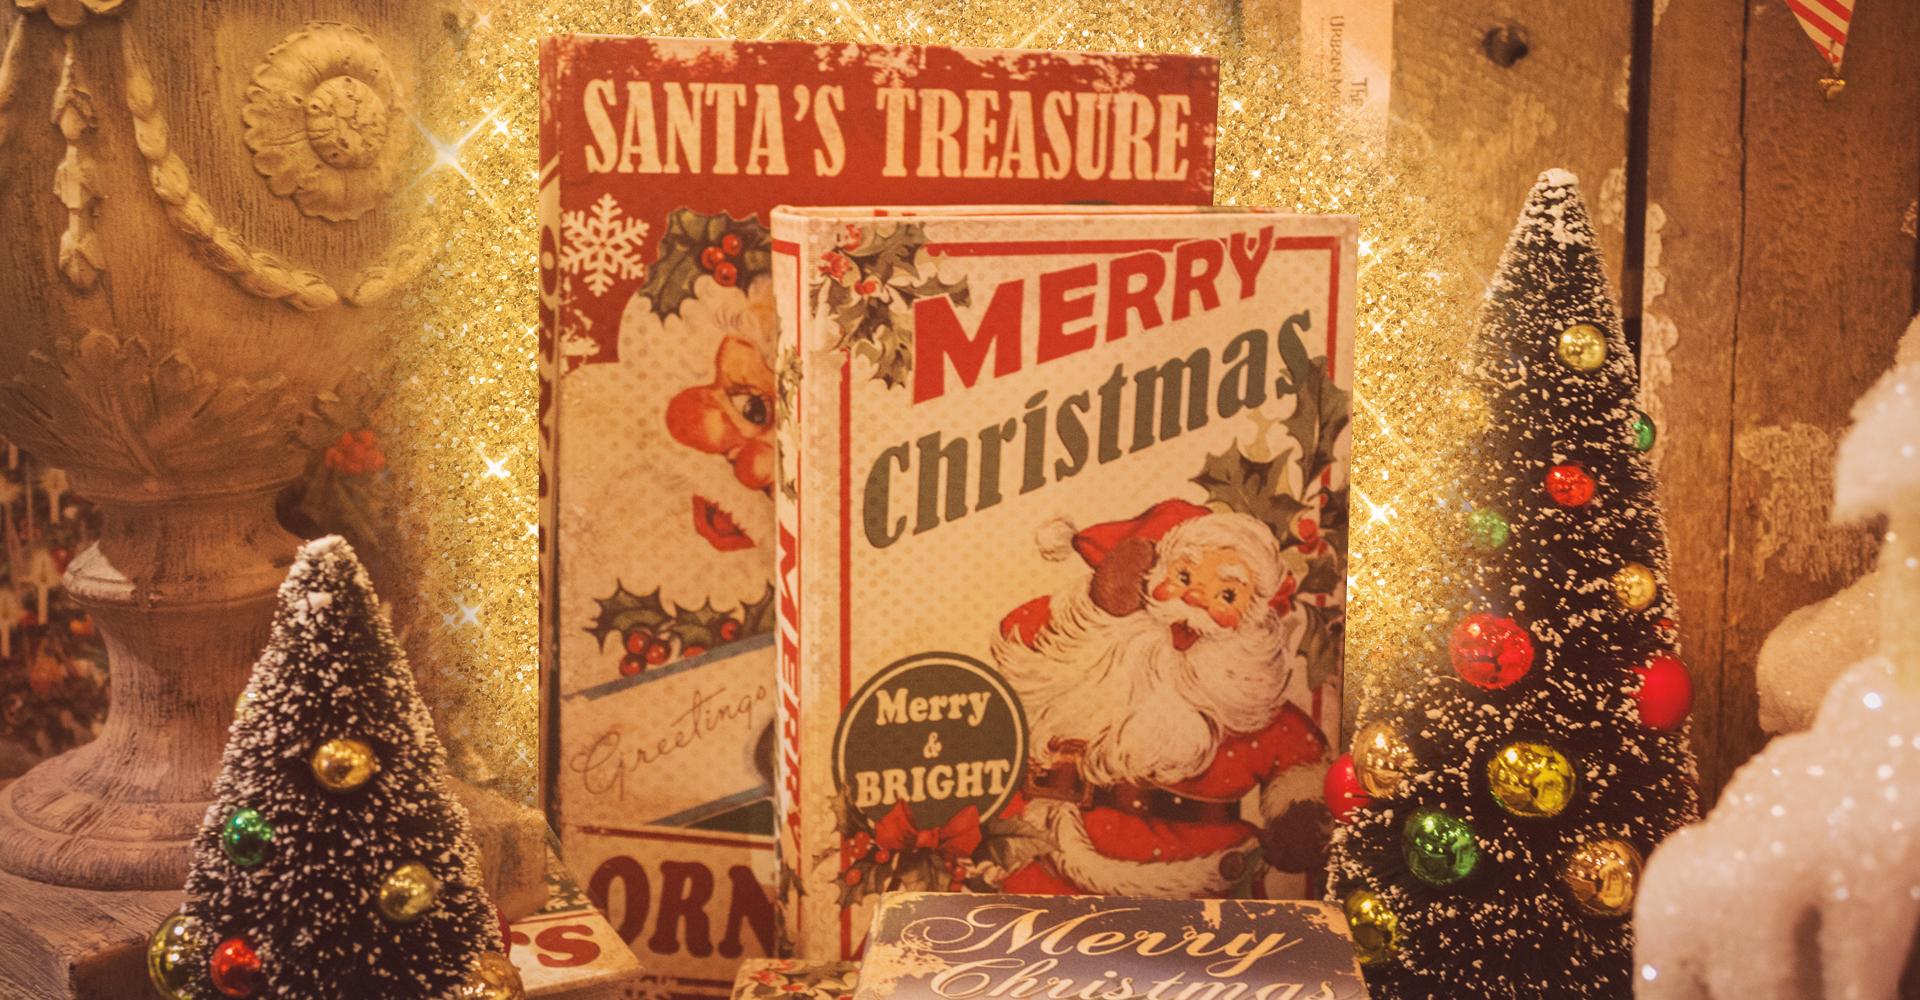 Mercatini di Natale più belli d'Italia, il modo migliore per entrare nel clima natalizio